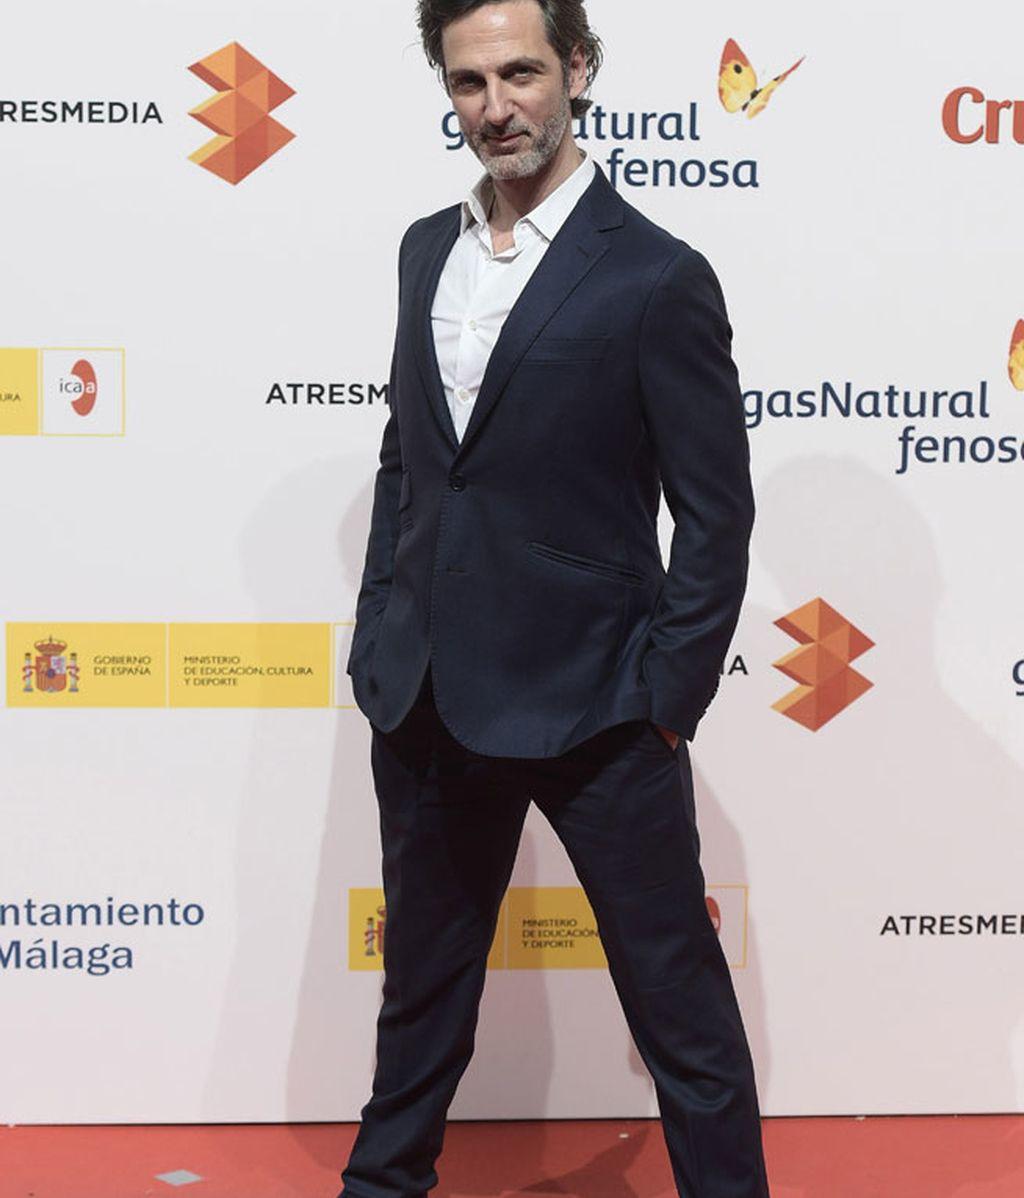 Ernesto Alterio, con deportivas para darle un toque 'casual' a su look